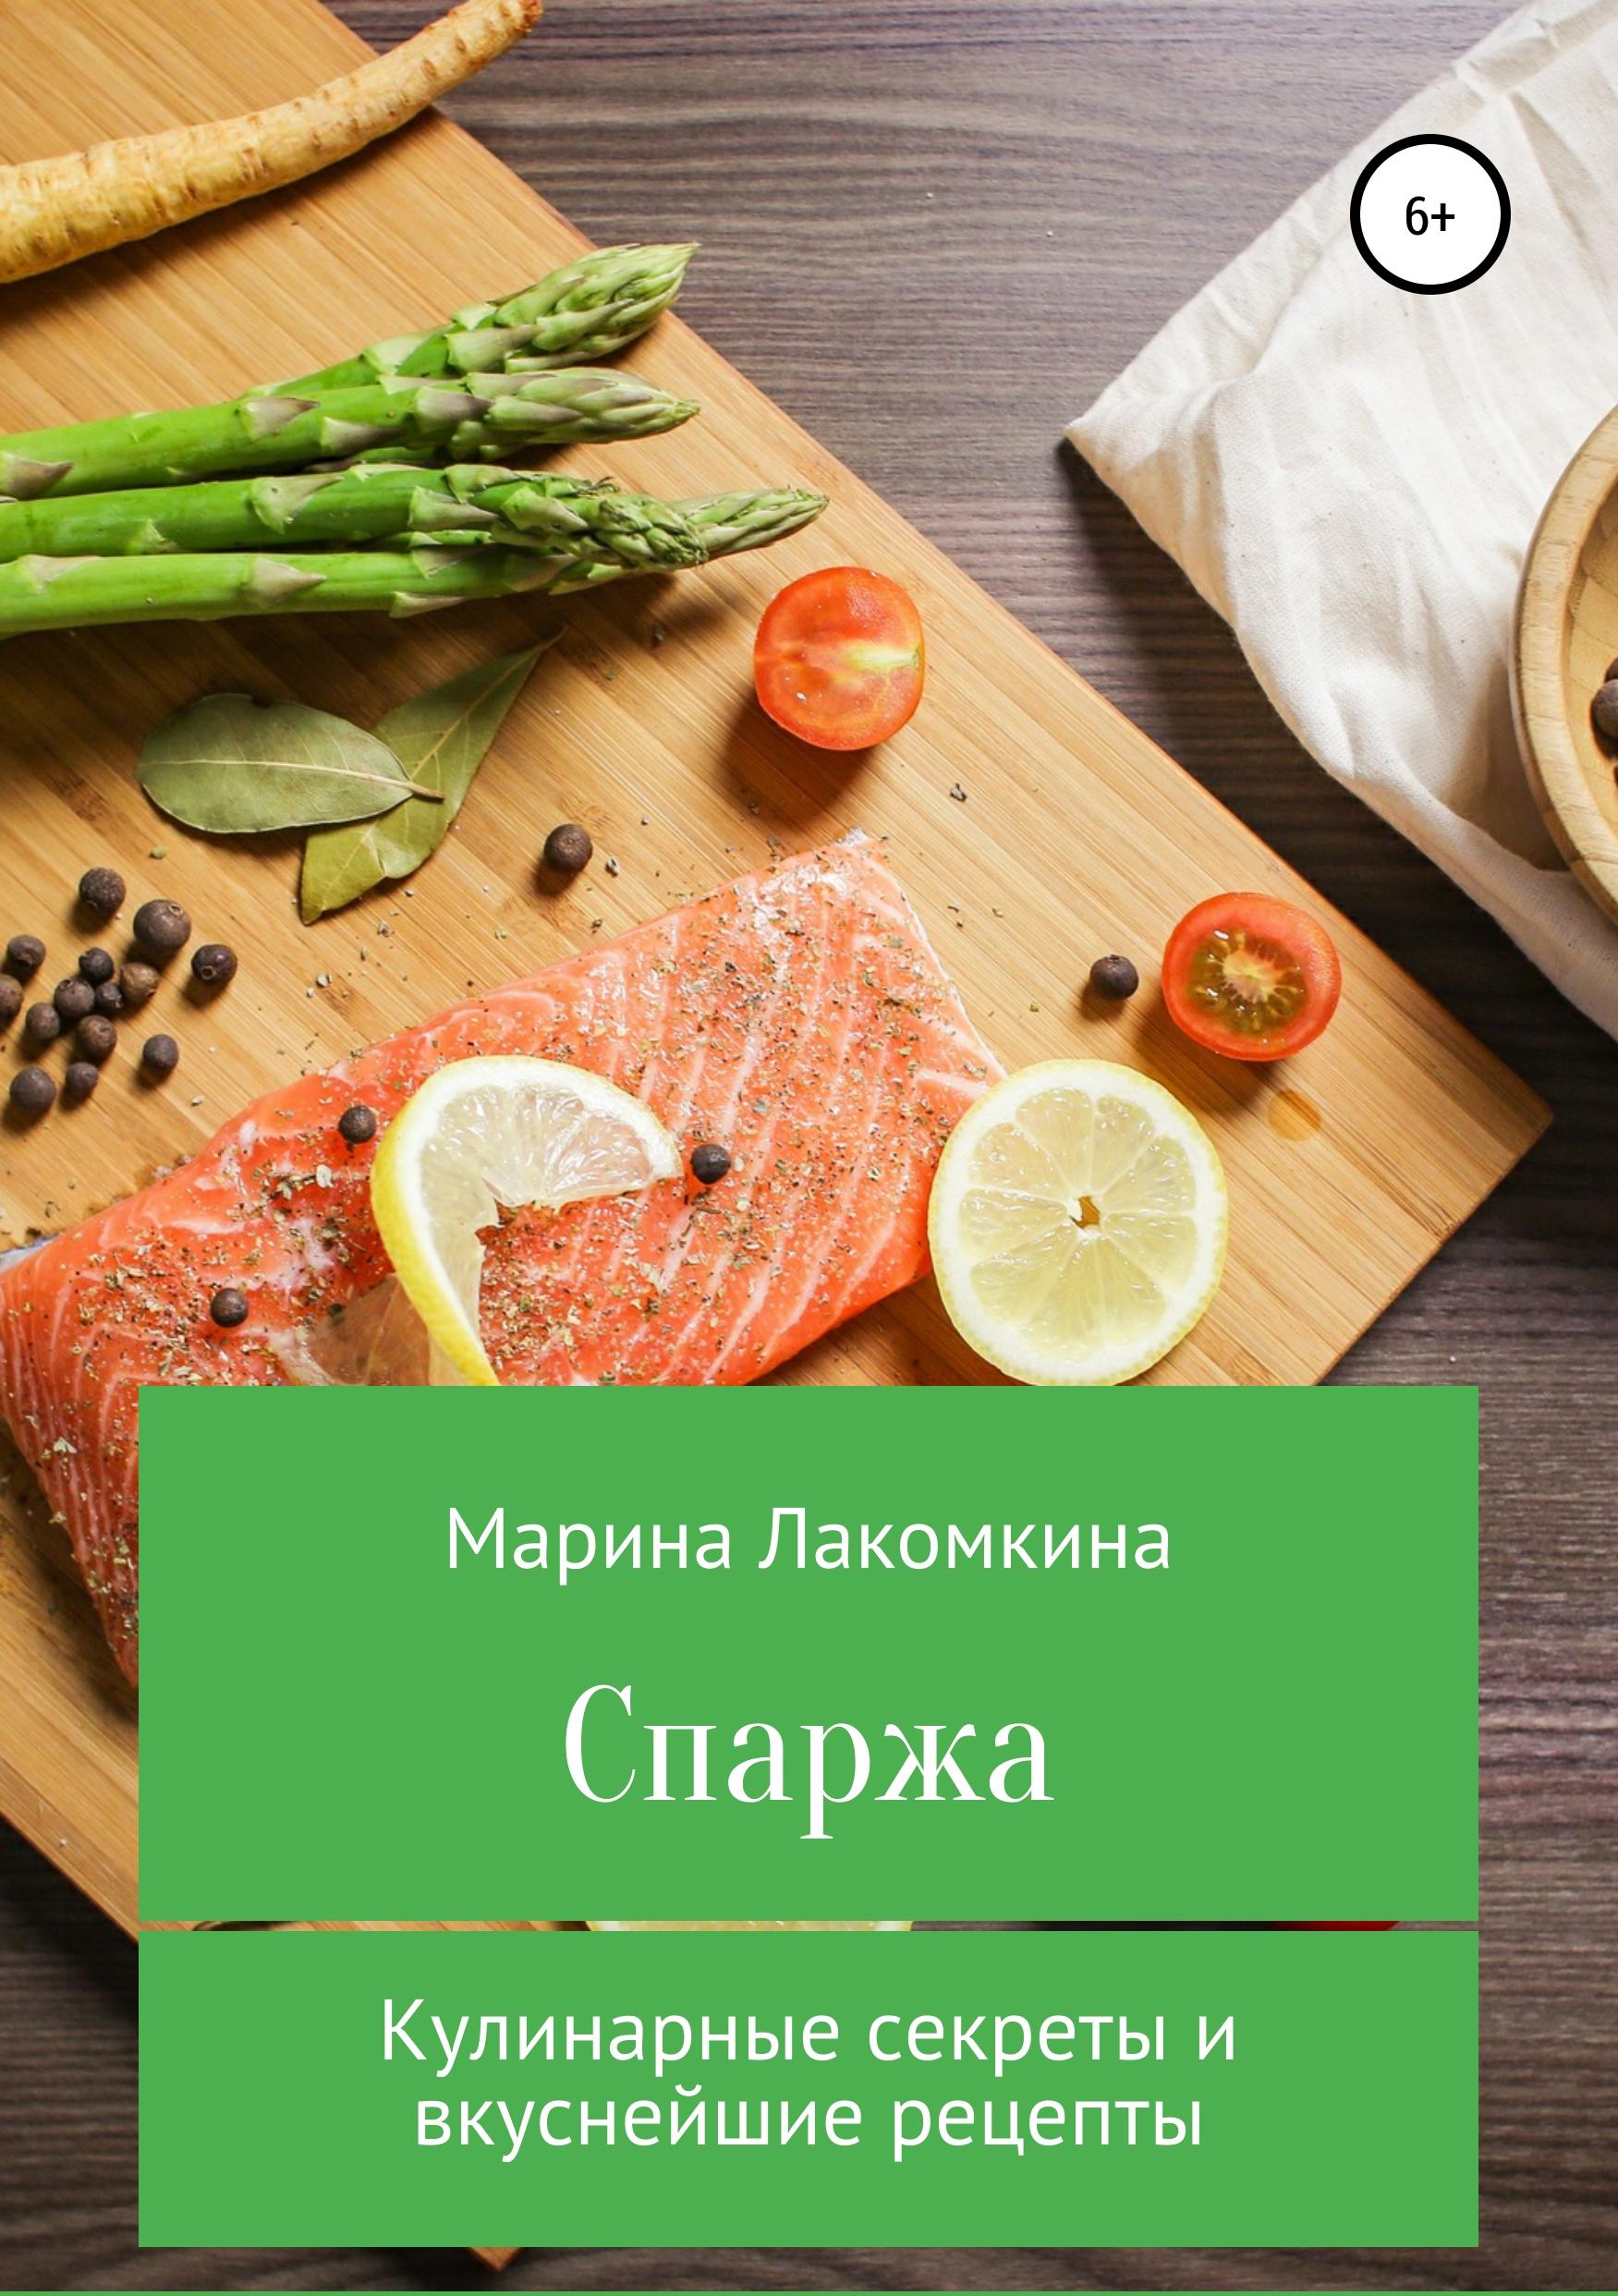 Марина Алексеевна Лакомкина Спаржа. Кулинарные секреты и вкуснейшие рецепты